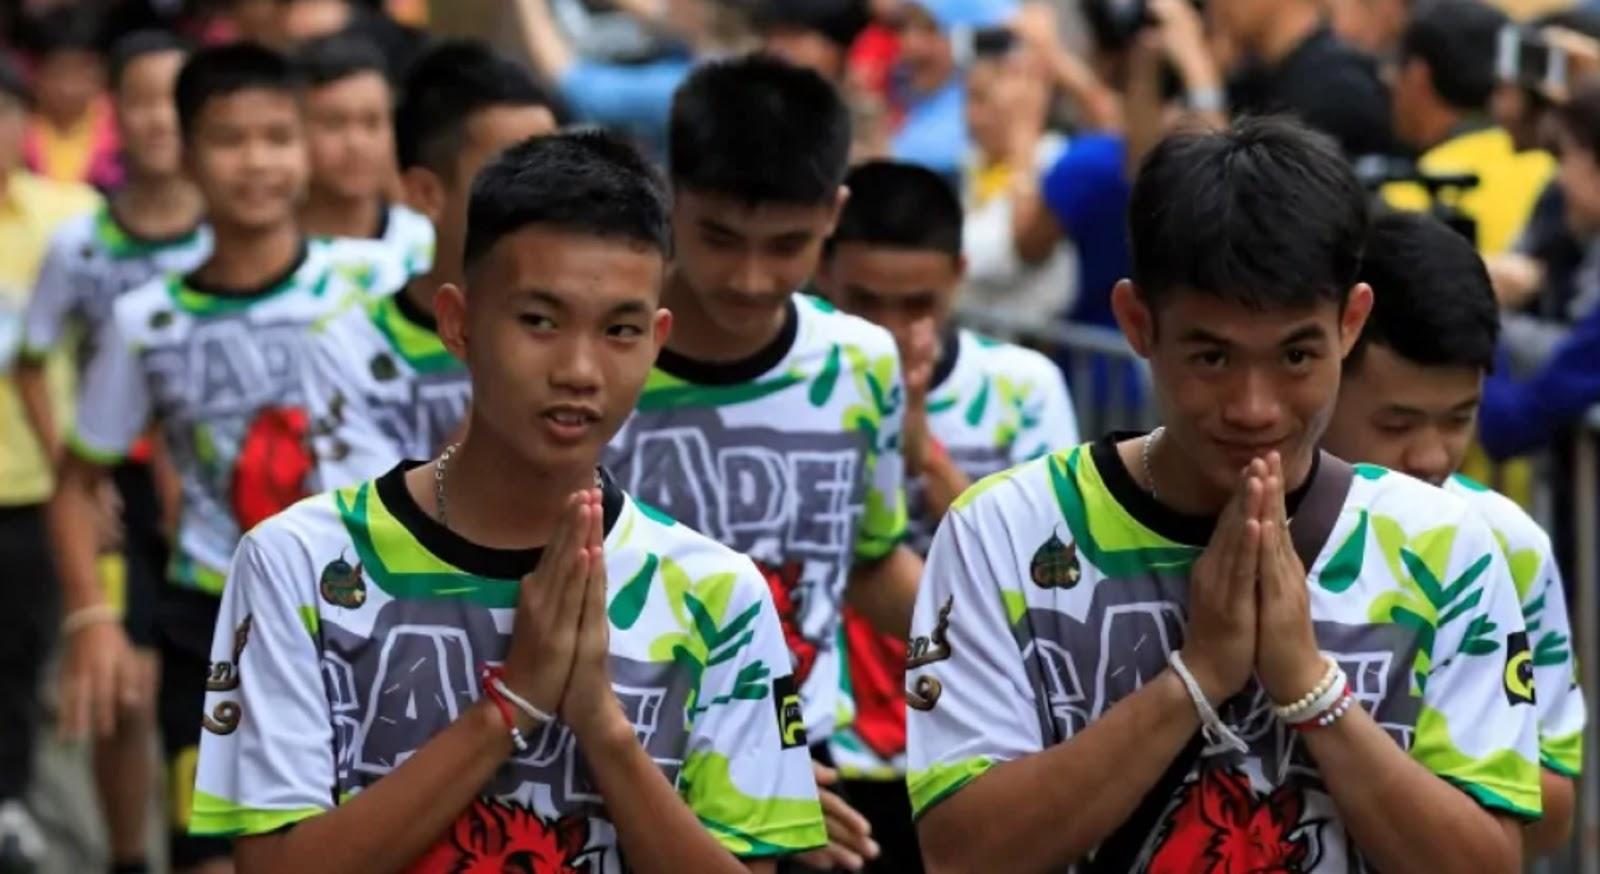 THAI CAVE RESCUE 2